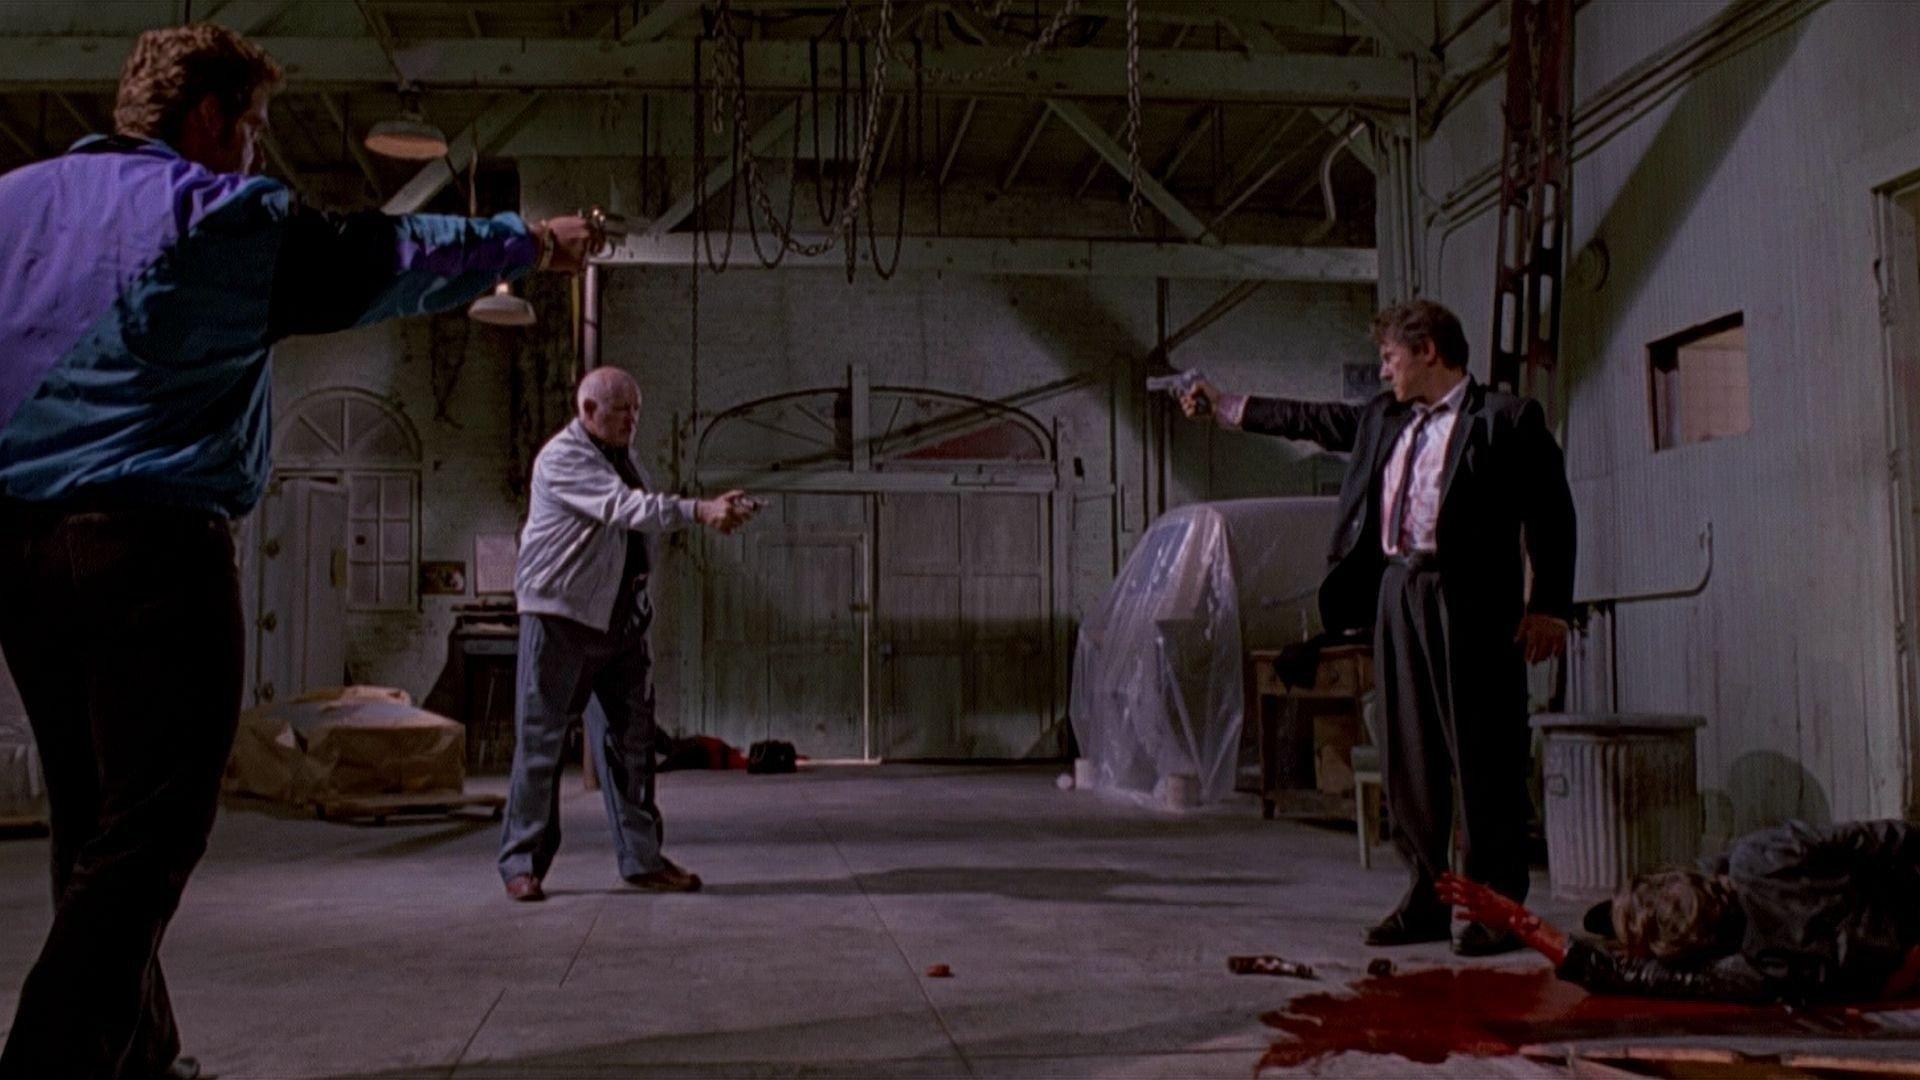 Friendship, as seen in *Reservoir Dogs*